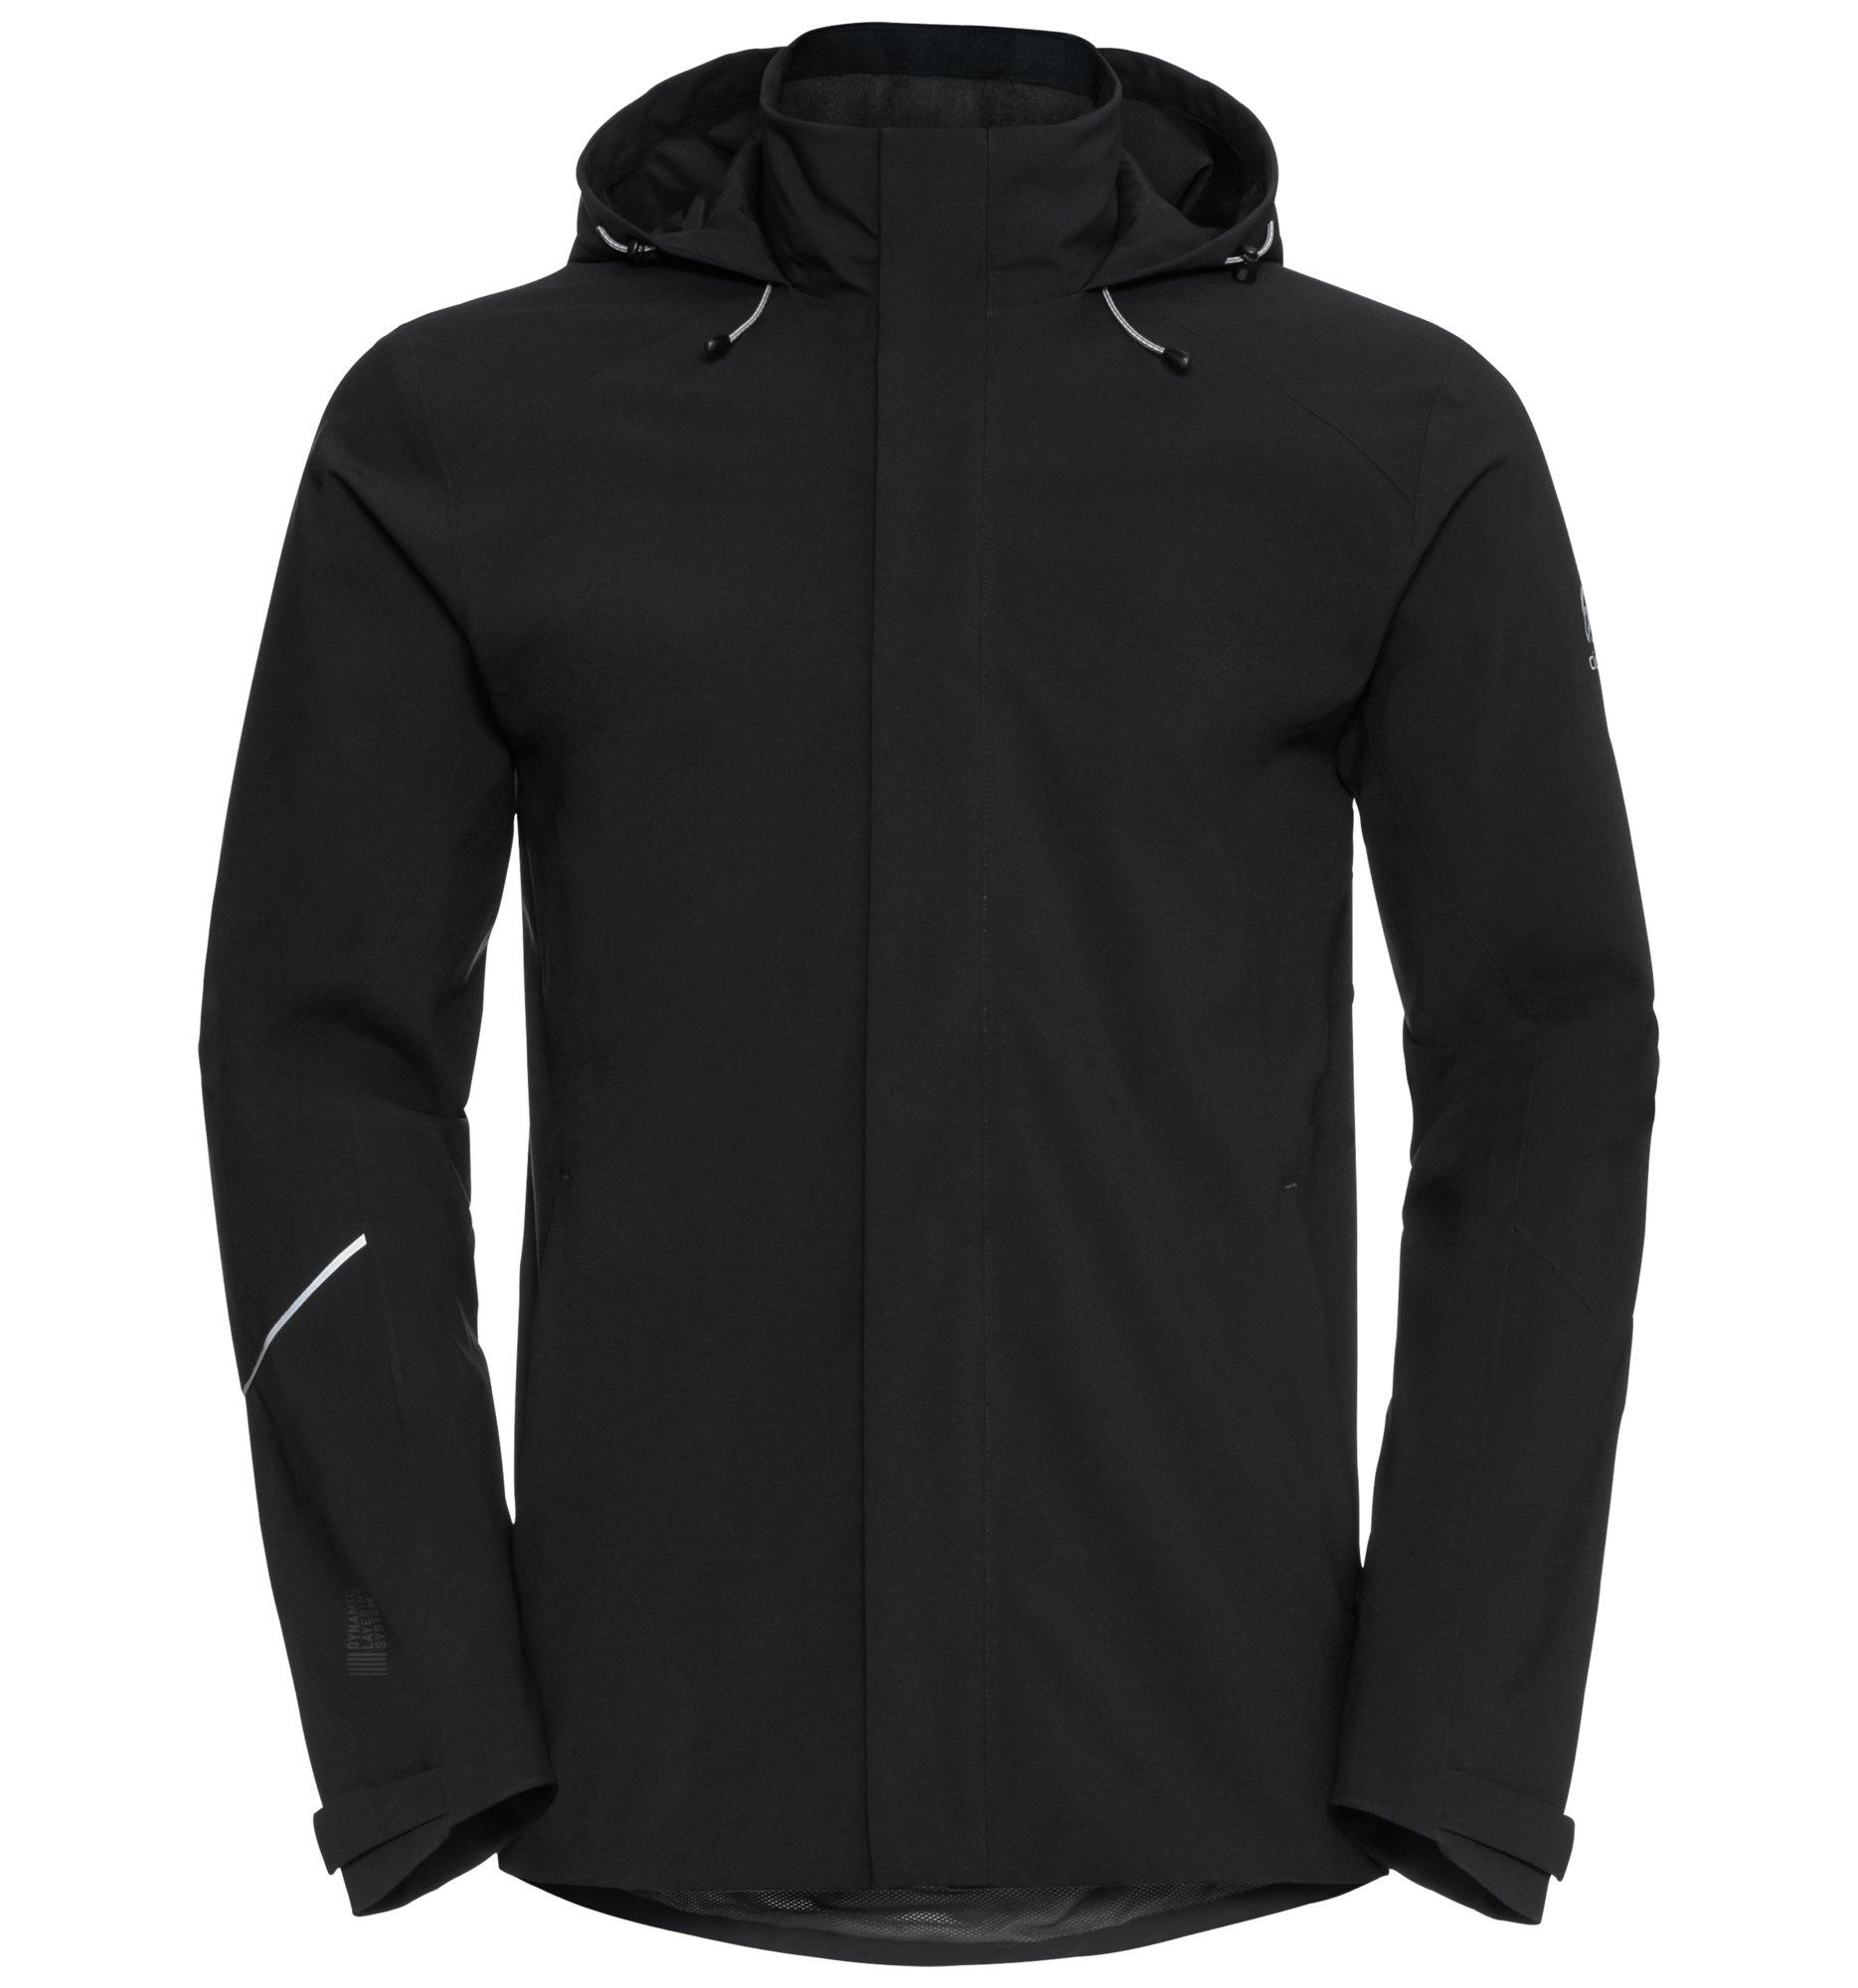 Odlo - Jacket Hardshell Fremont - Hardshell jacket - Men's